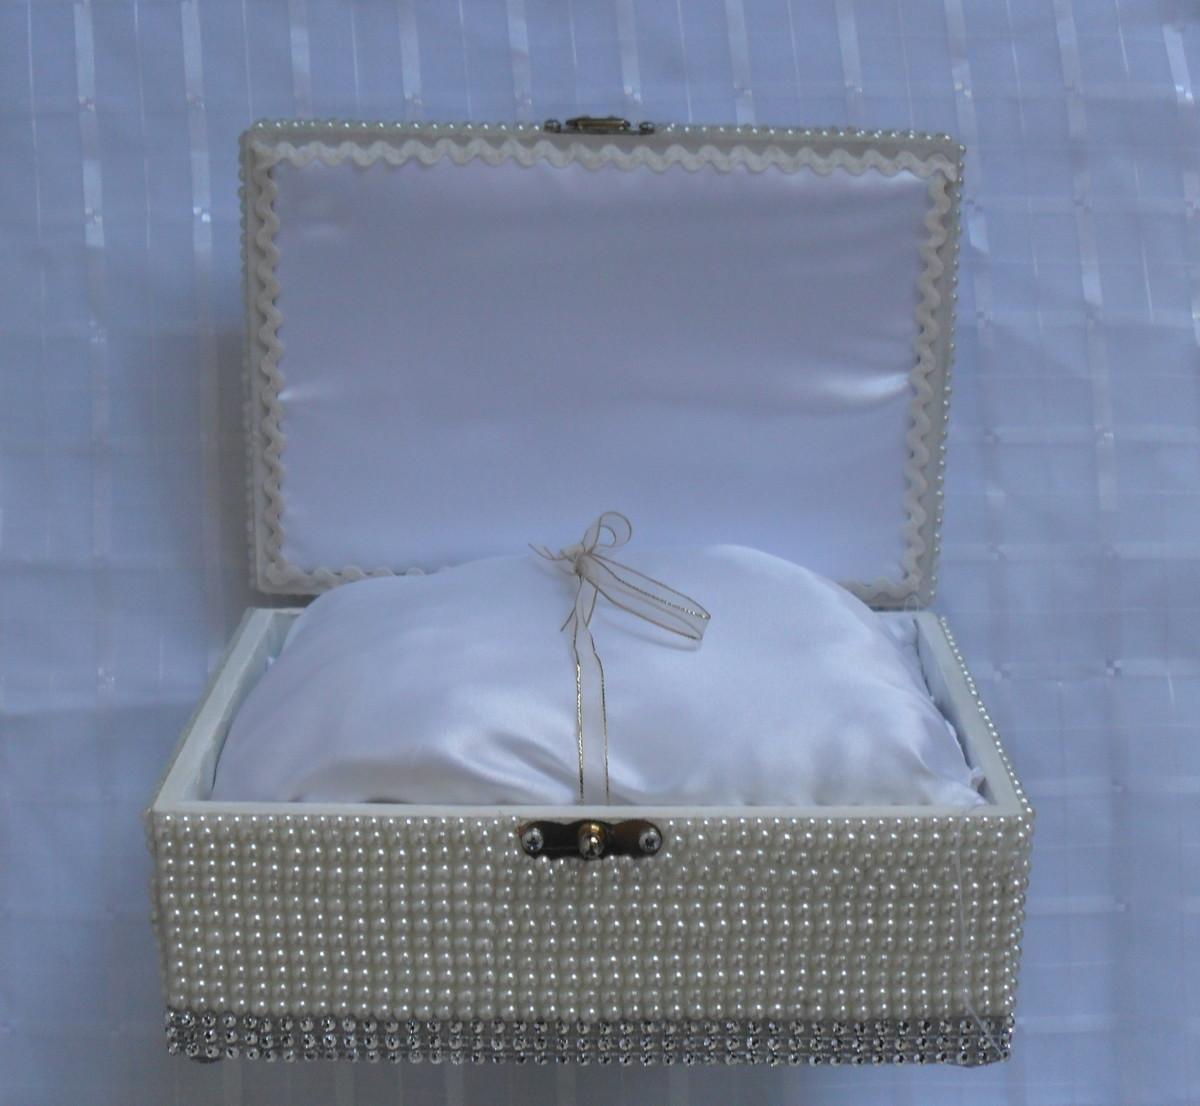 medio de mdf com perolas caixa decorada bau medio de mdf com perolas  #445A87 1200x1106